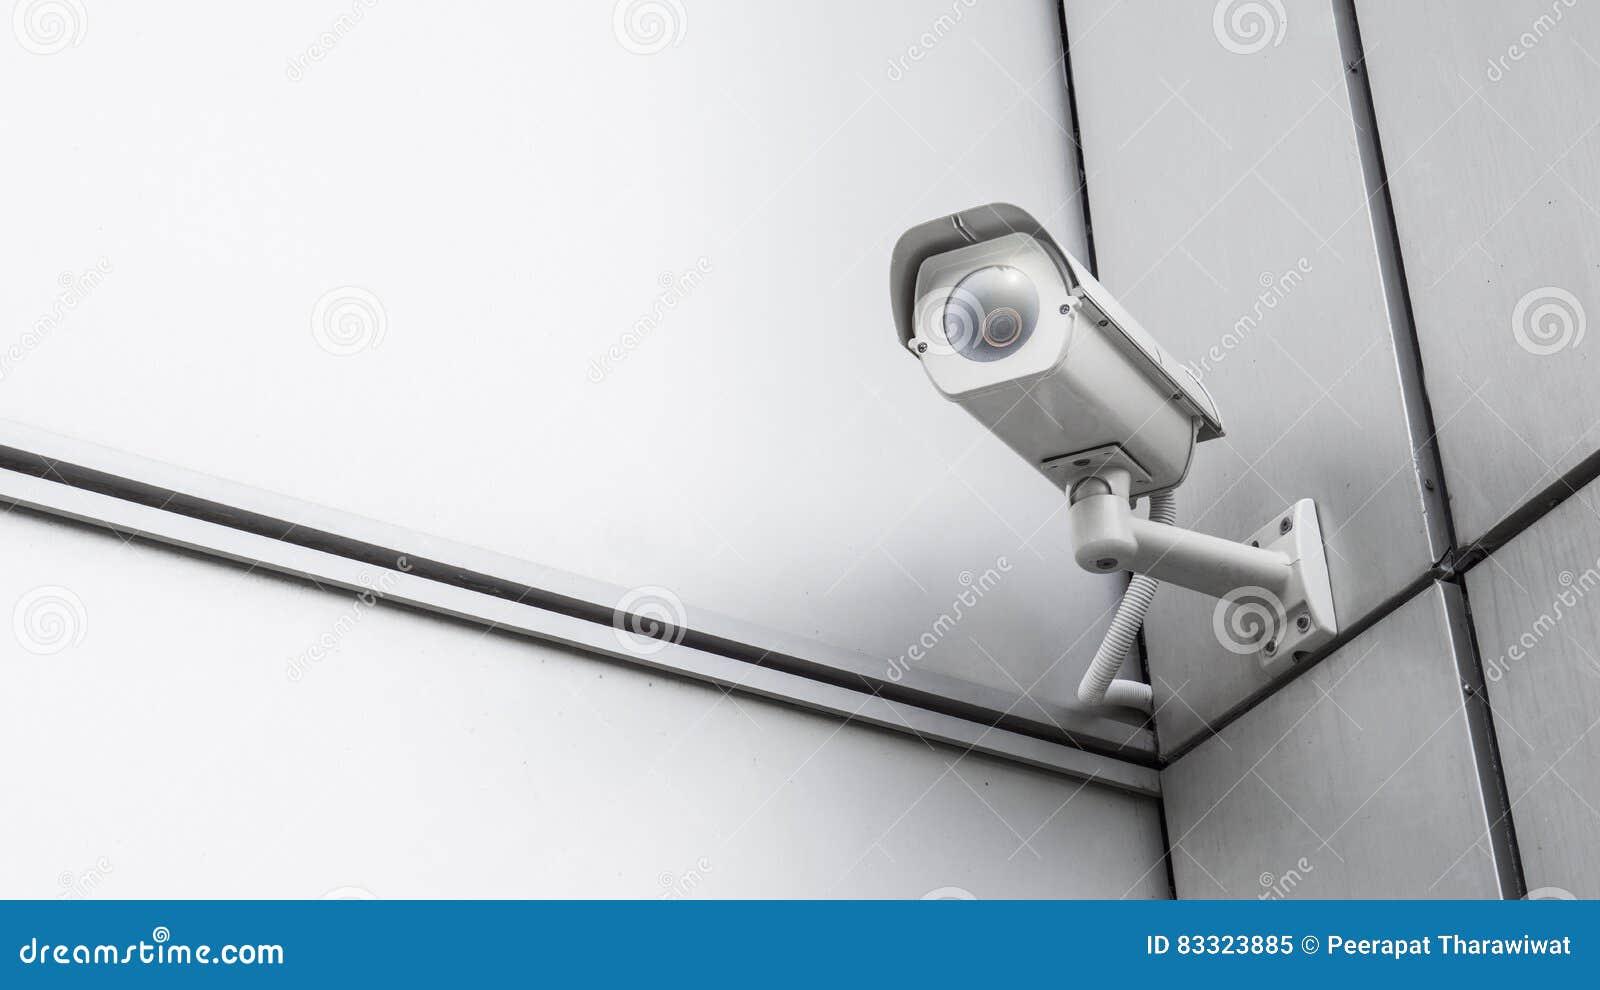 在塔家和房屋建设的CCTV监视安全监控相机视频器材在安全保护系统室外的范围控制的墙壁上